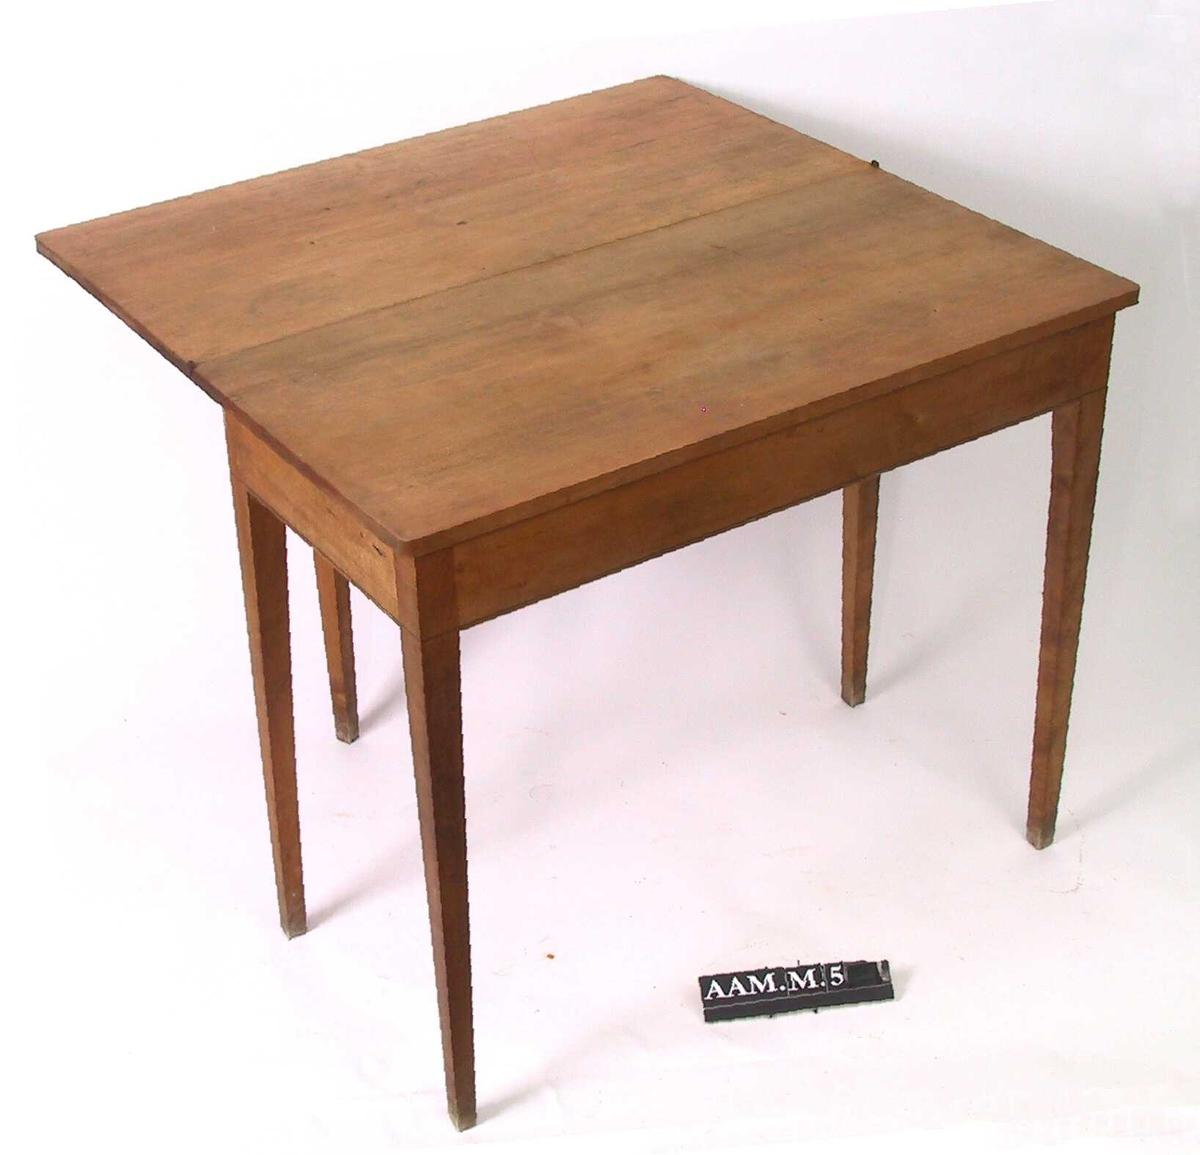 Spillebord, empire norsk  Bjerk. Rette ben, rett sarg uten skuff, med en  innlagt sort stripe nederst. Bordplate med en sort stripe rundt kanten når bordet er slått sammen.  Utslått er bordplaten firkantet og uten dekor. Ved venstre bakben et ekstra ben som kan slås ut.